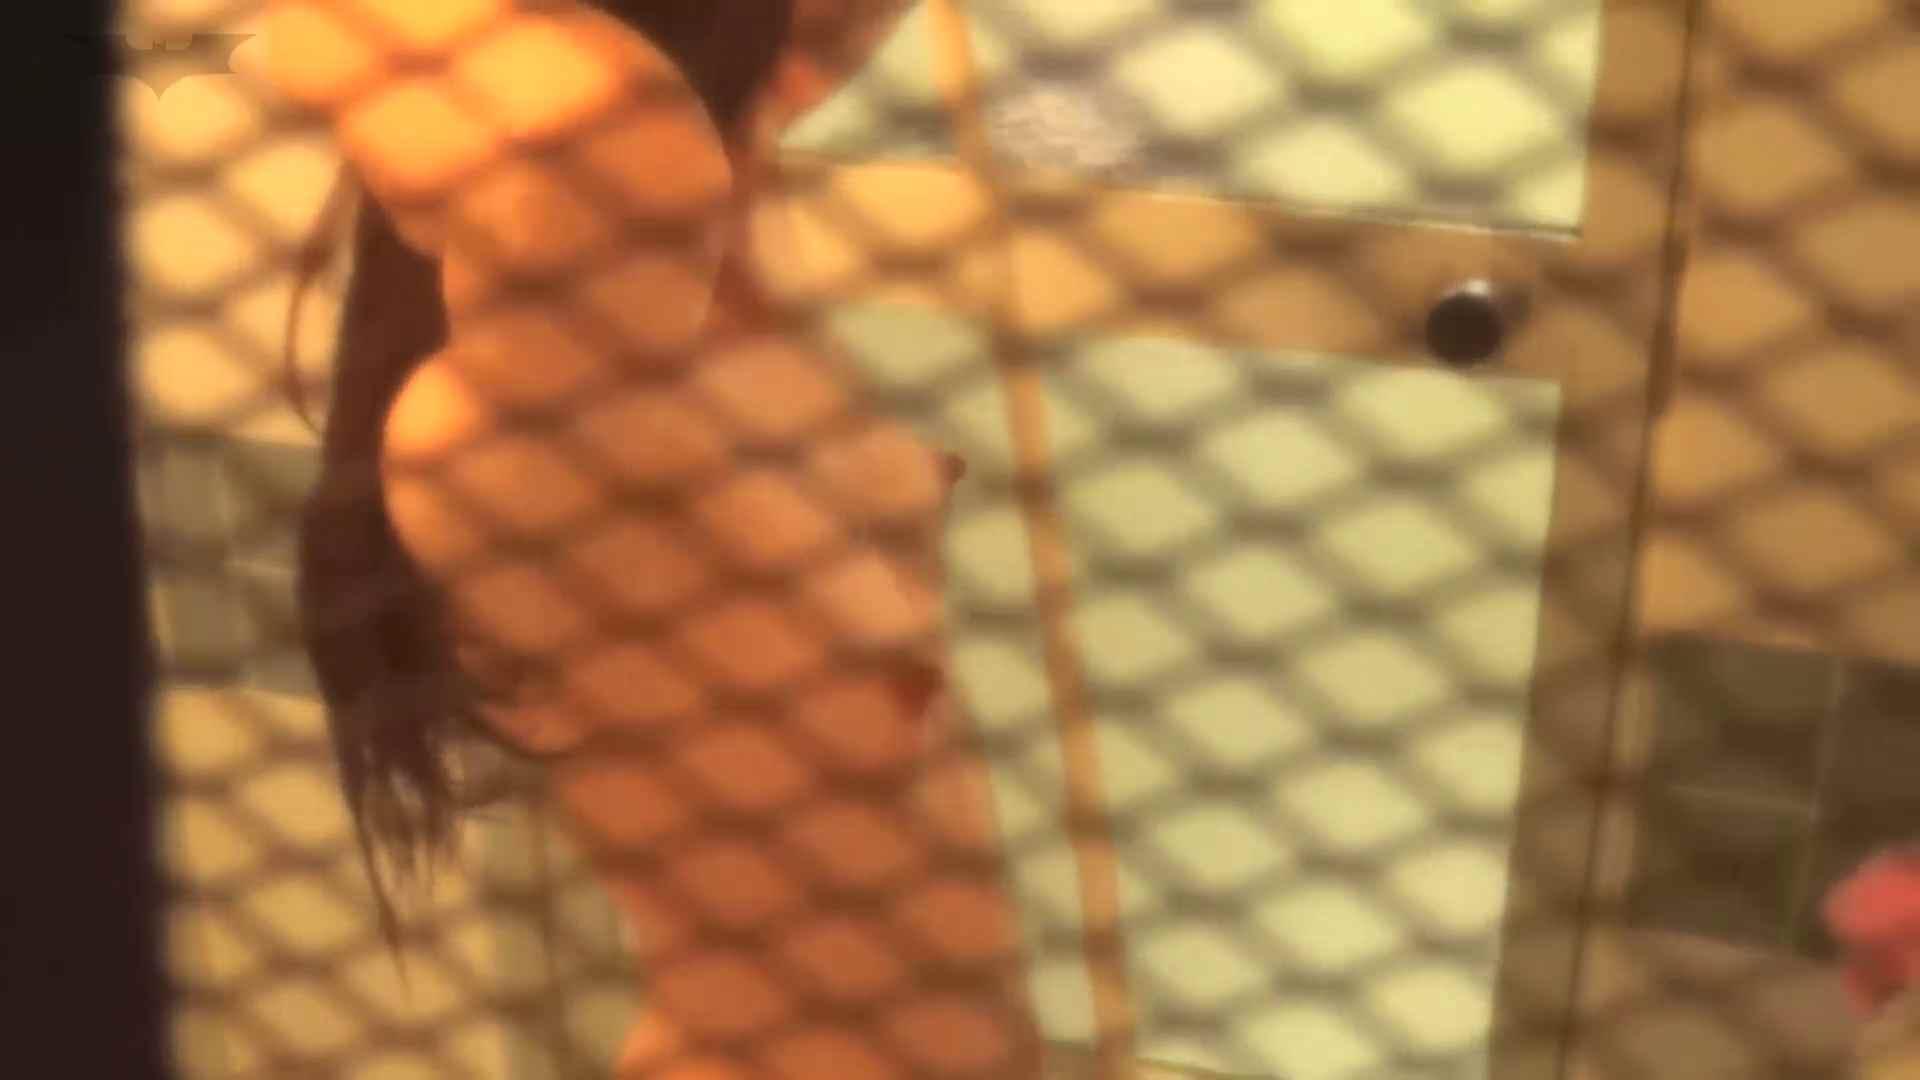 *華の女子寮ノゾキ* vol.01 JDデビューした音楽専攻のコ OL女体 オマンコ動画キャプチャ 63連発 53